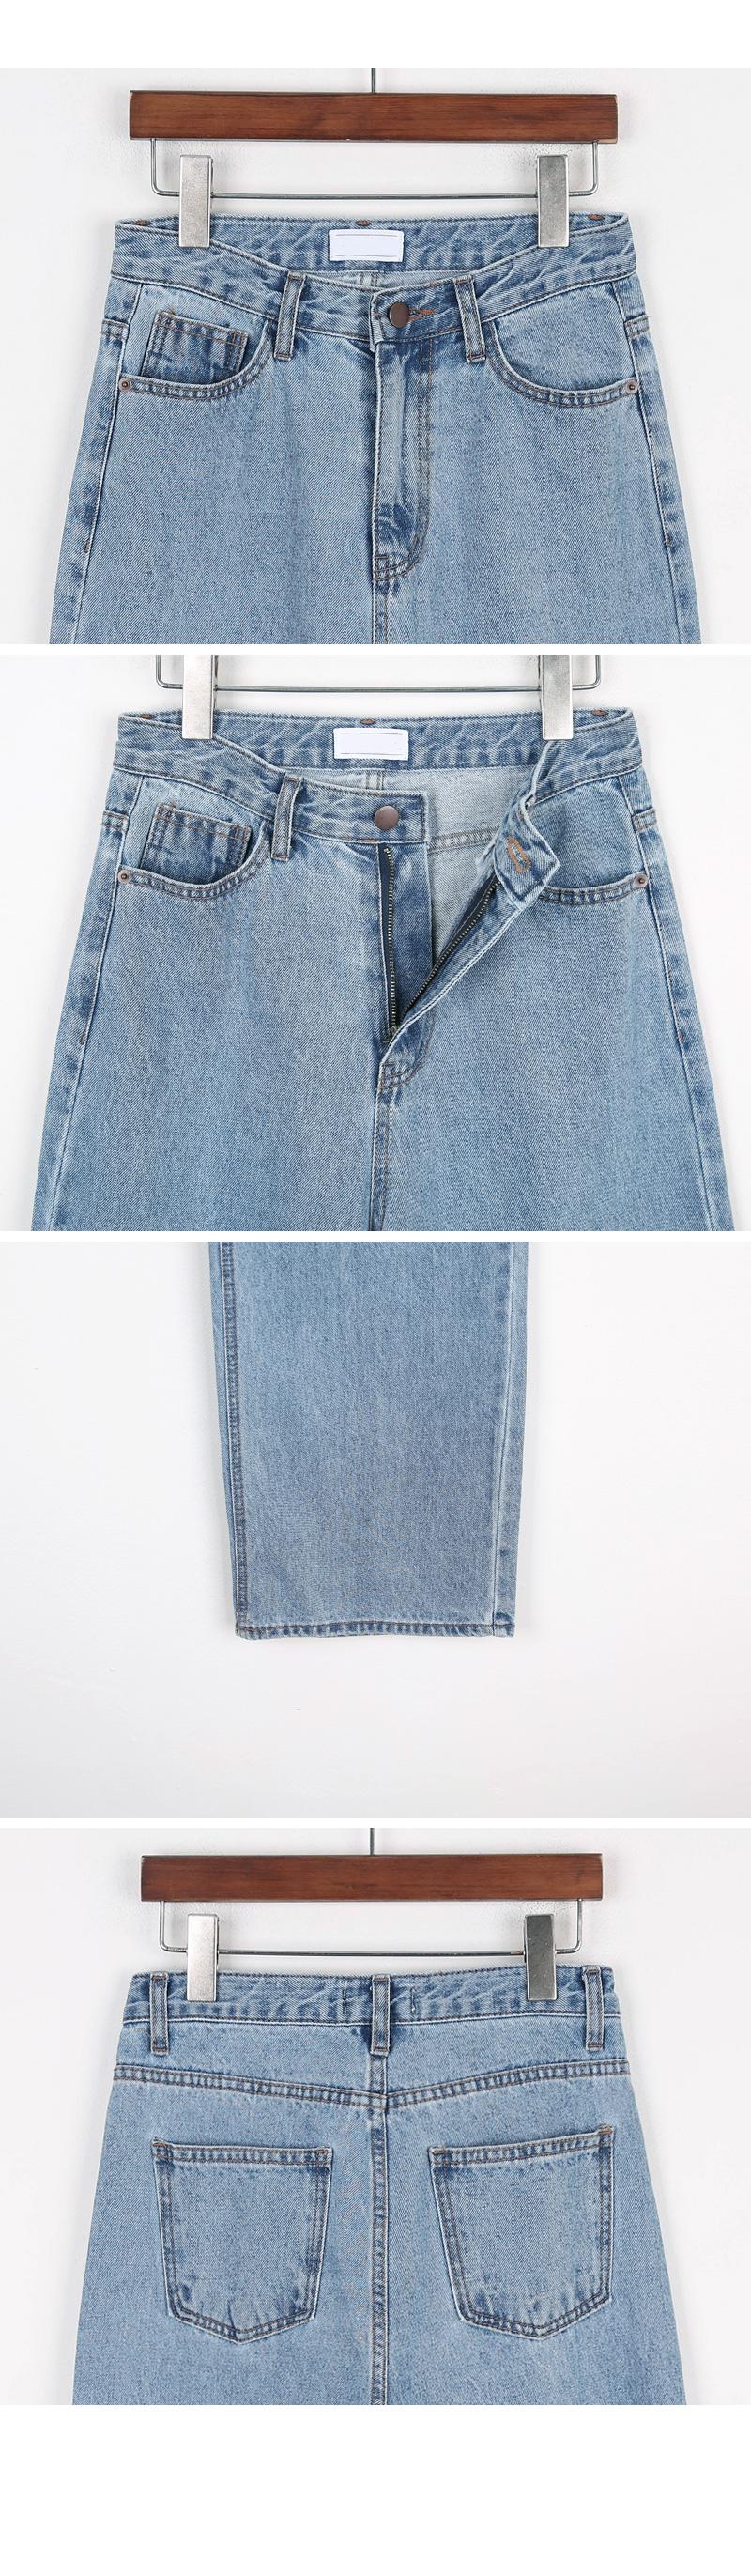 Pin wide denim pants